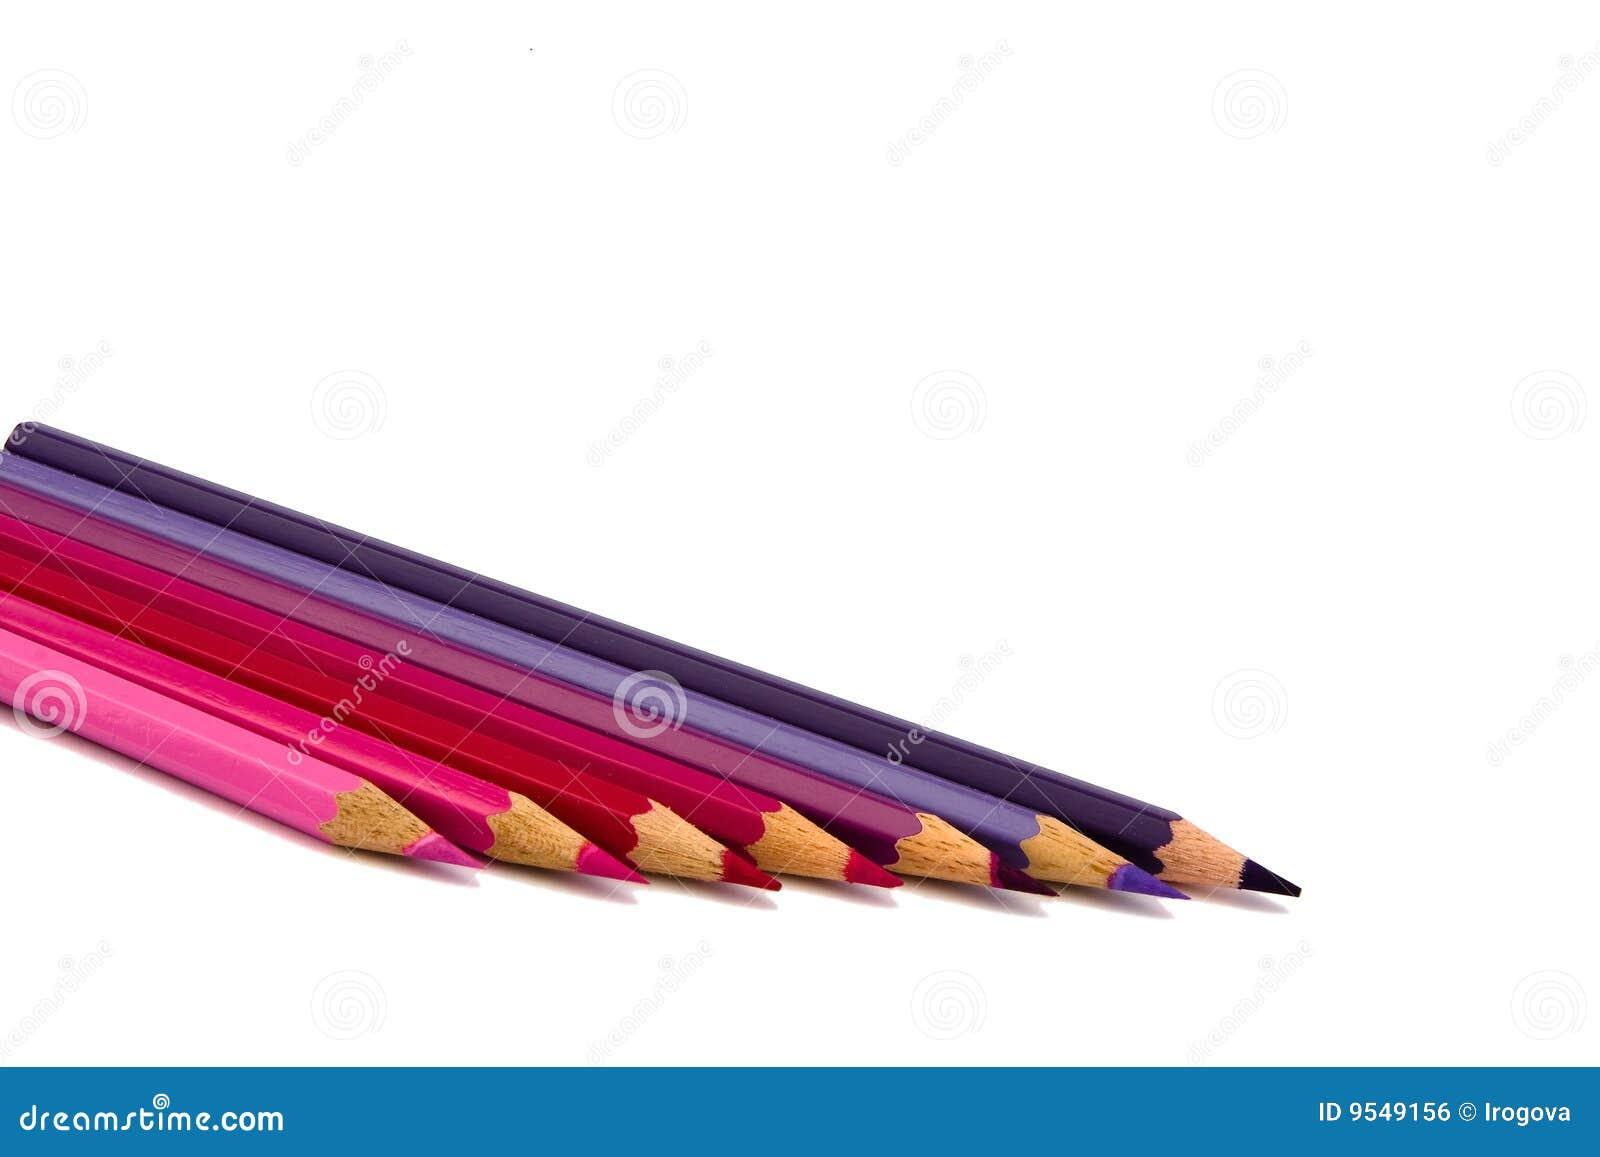 De Kleur Rood : De potloden van de kleur van rode schaduwen stock foto